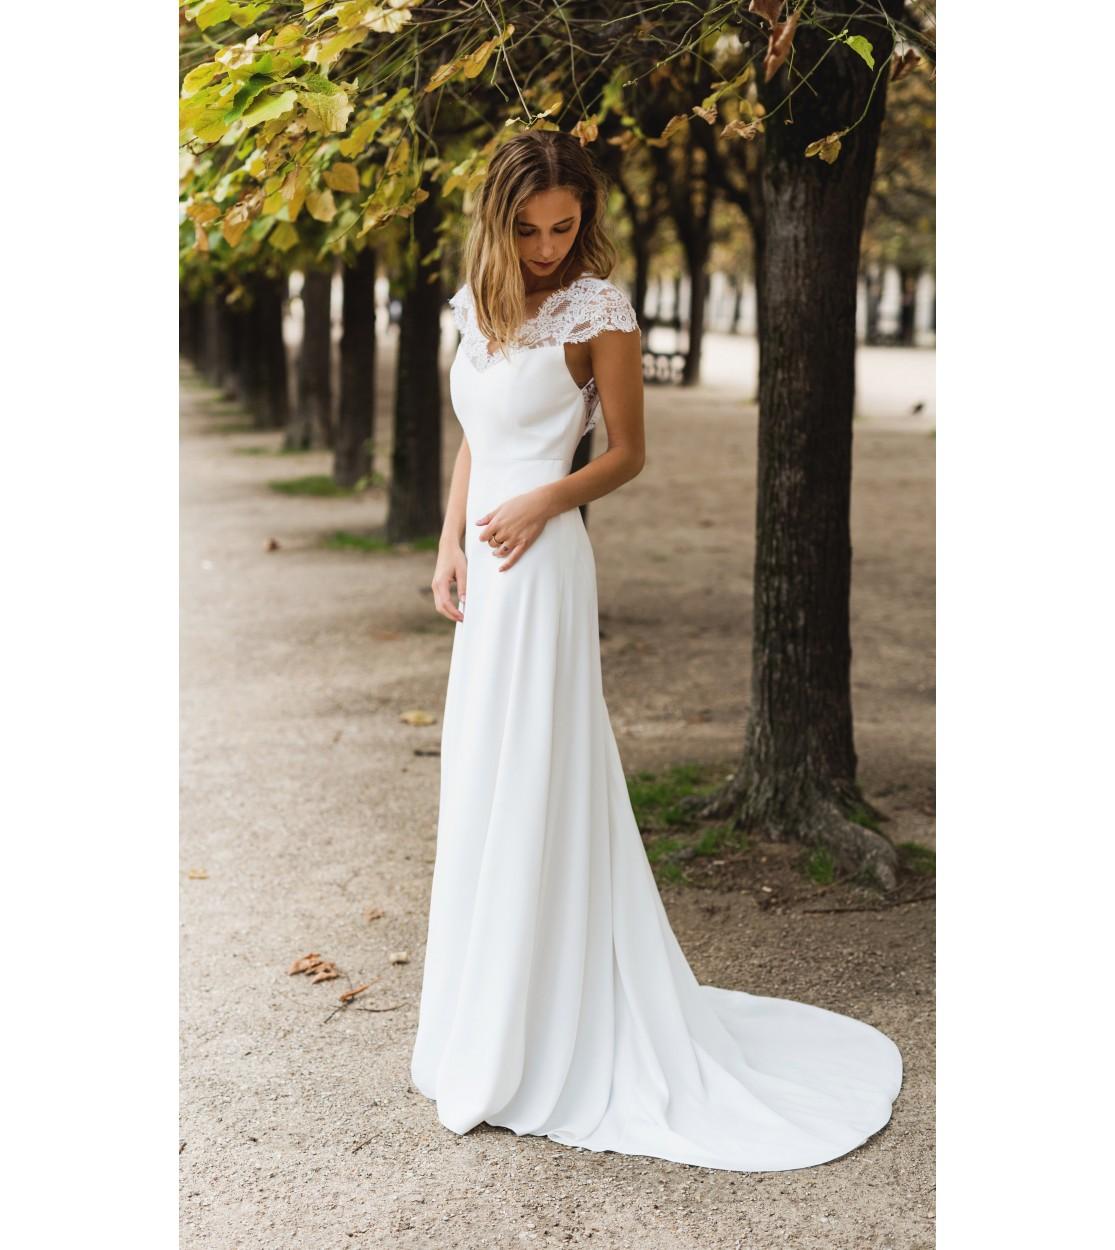 bonne vente mode la plus désirable vente professionnelle Robe de mariée Trianon - Harpe Paris